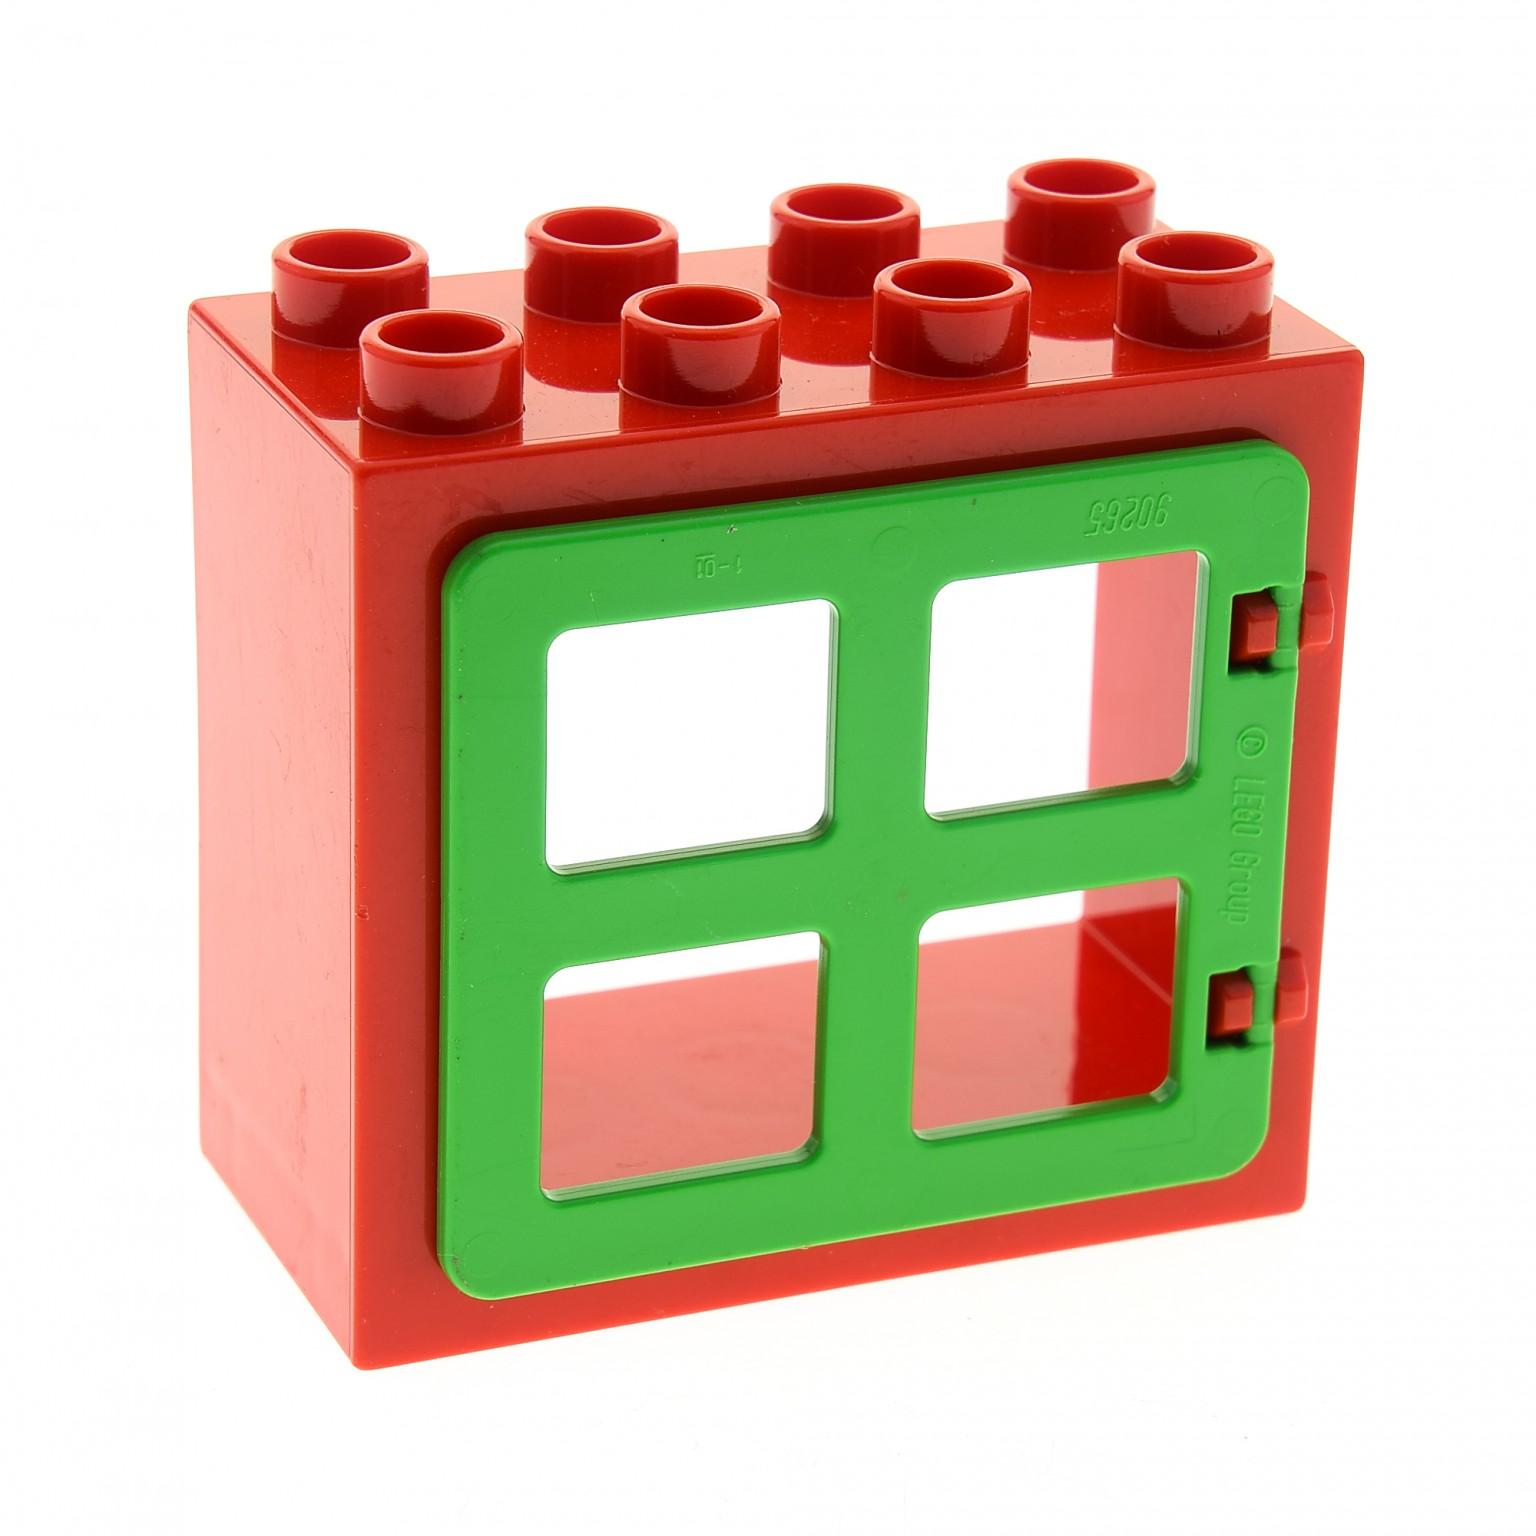 1 x lego duplo haus fenster t r rahmen rot flach ohne clip halter 2x4x3 klappe 4 scheiben gleich. Black Bedroom Furniture Sets. Home Design Ideas